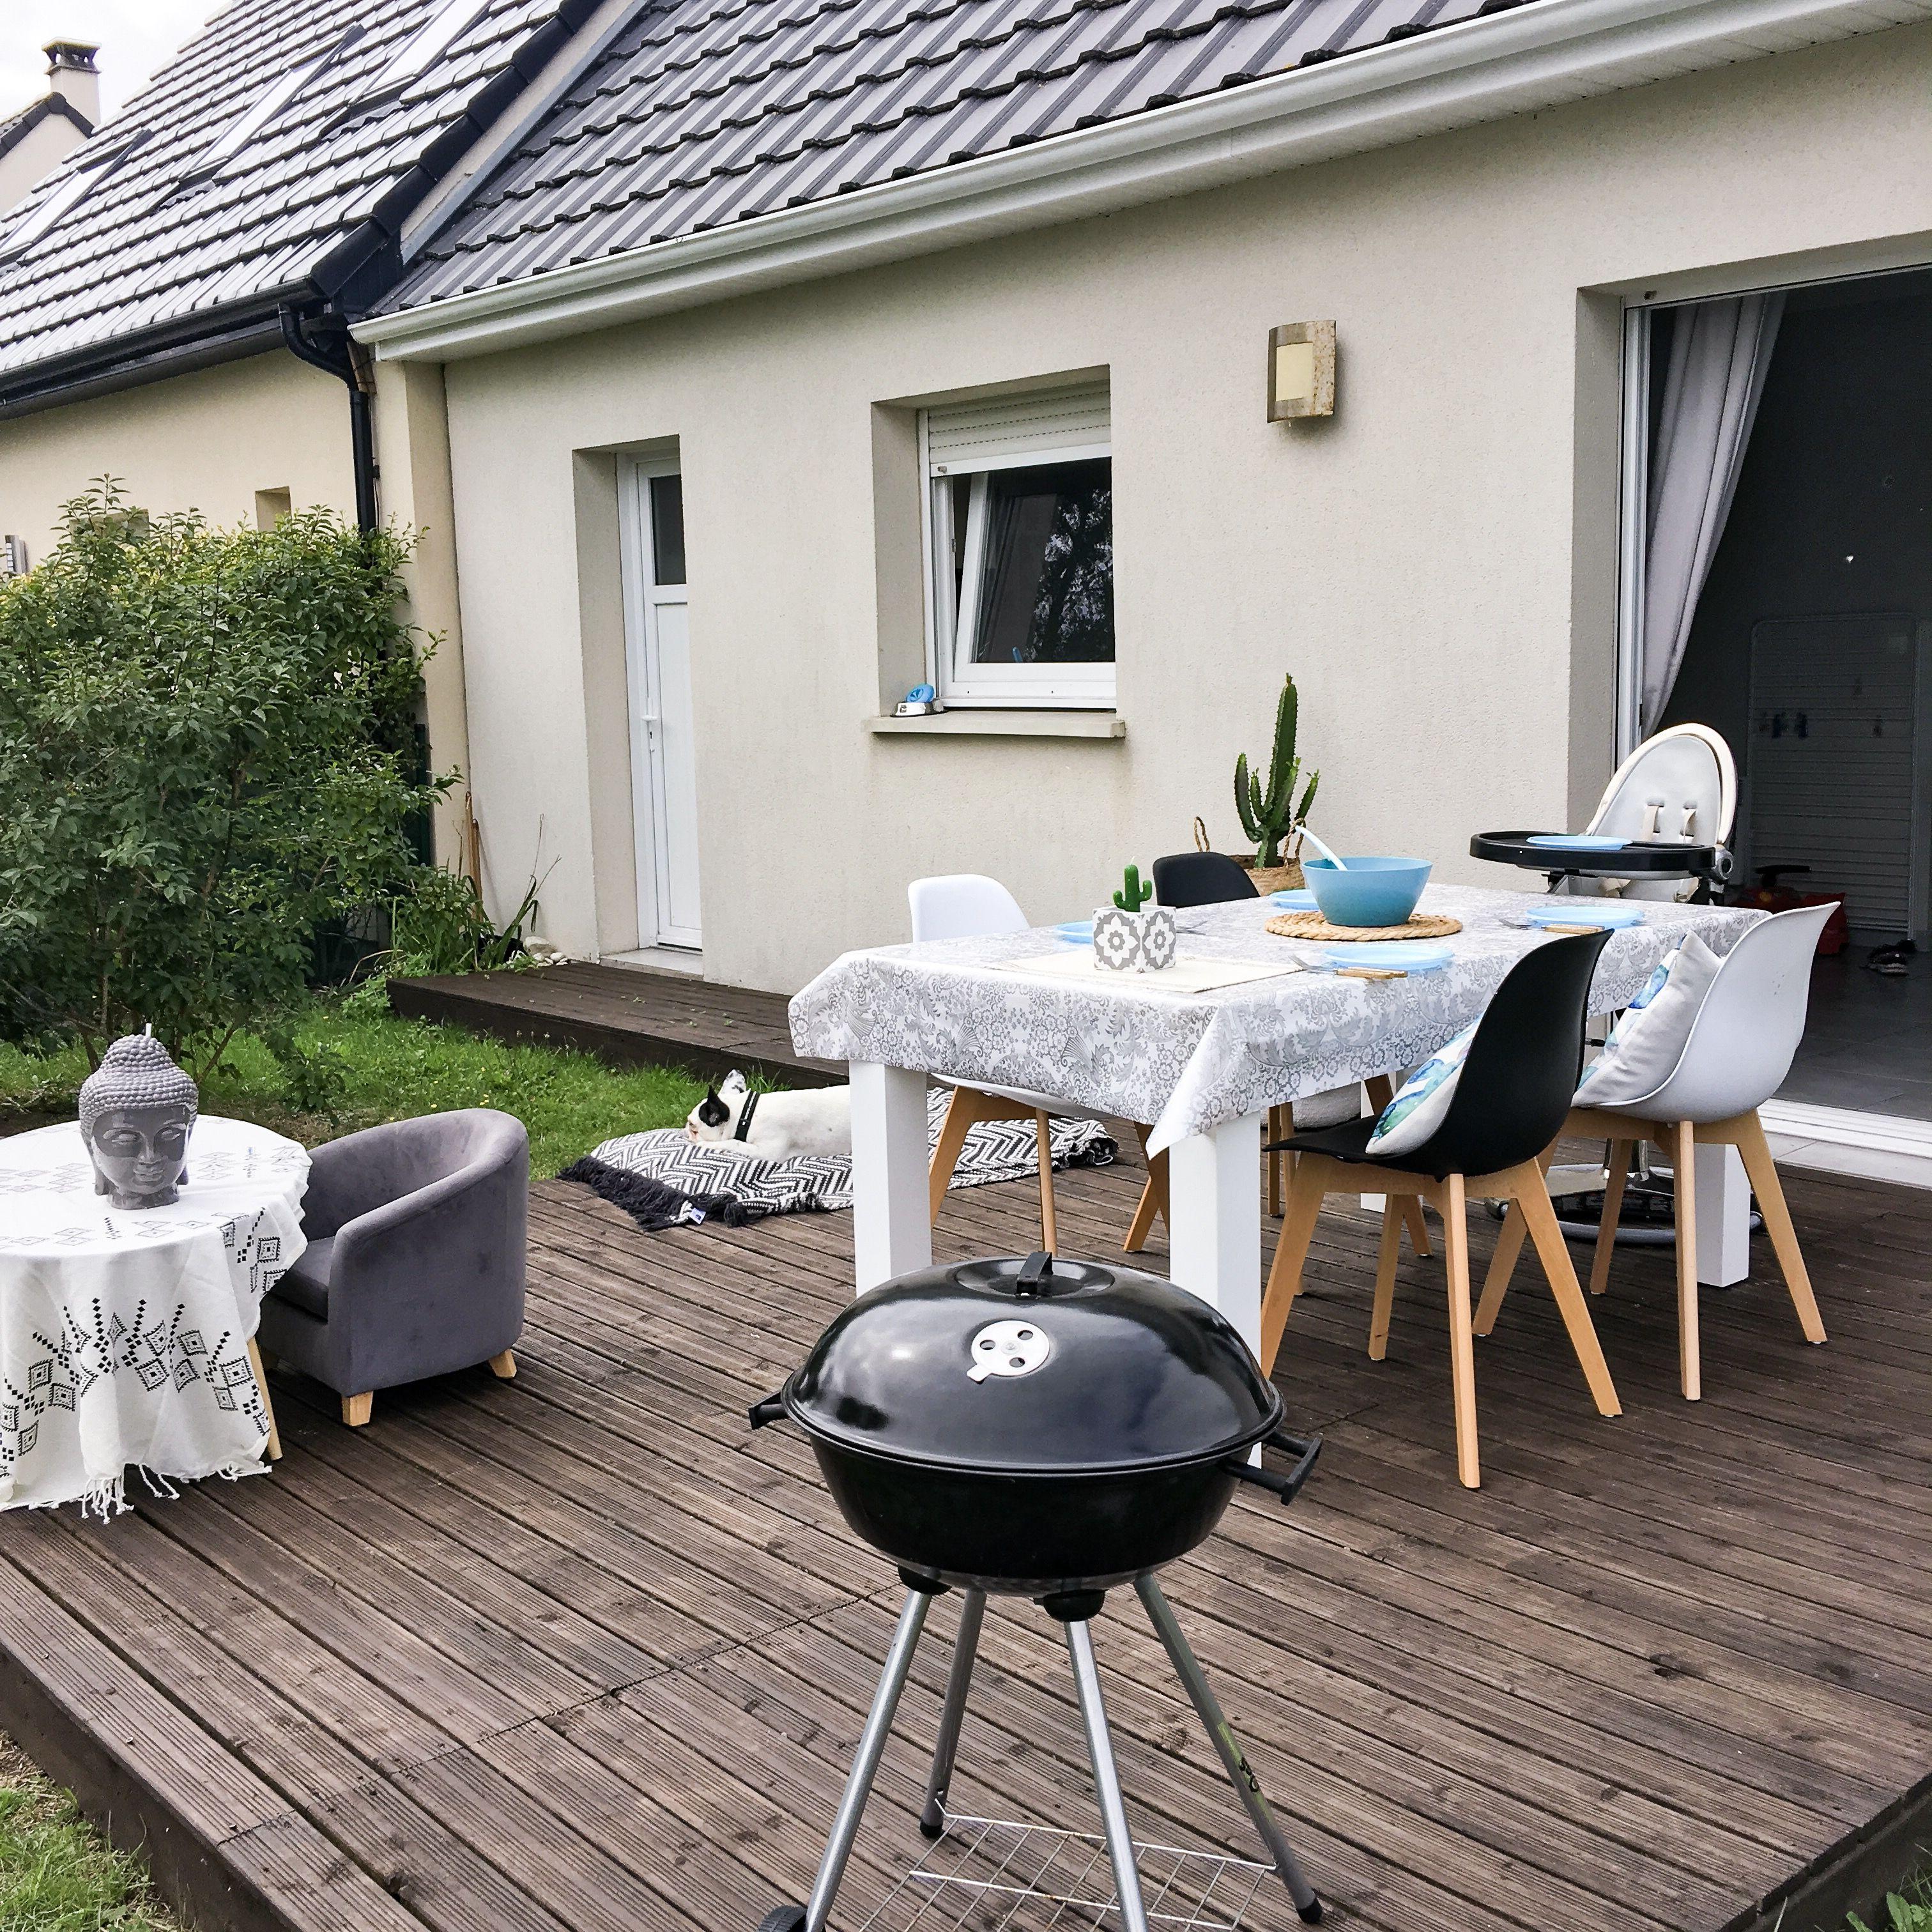 Decoration Exterieure La Foir Fouille Amenagement Soiree Outdoor Tables Outdoor Furniture Patio